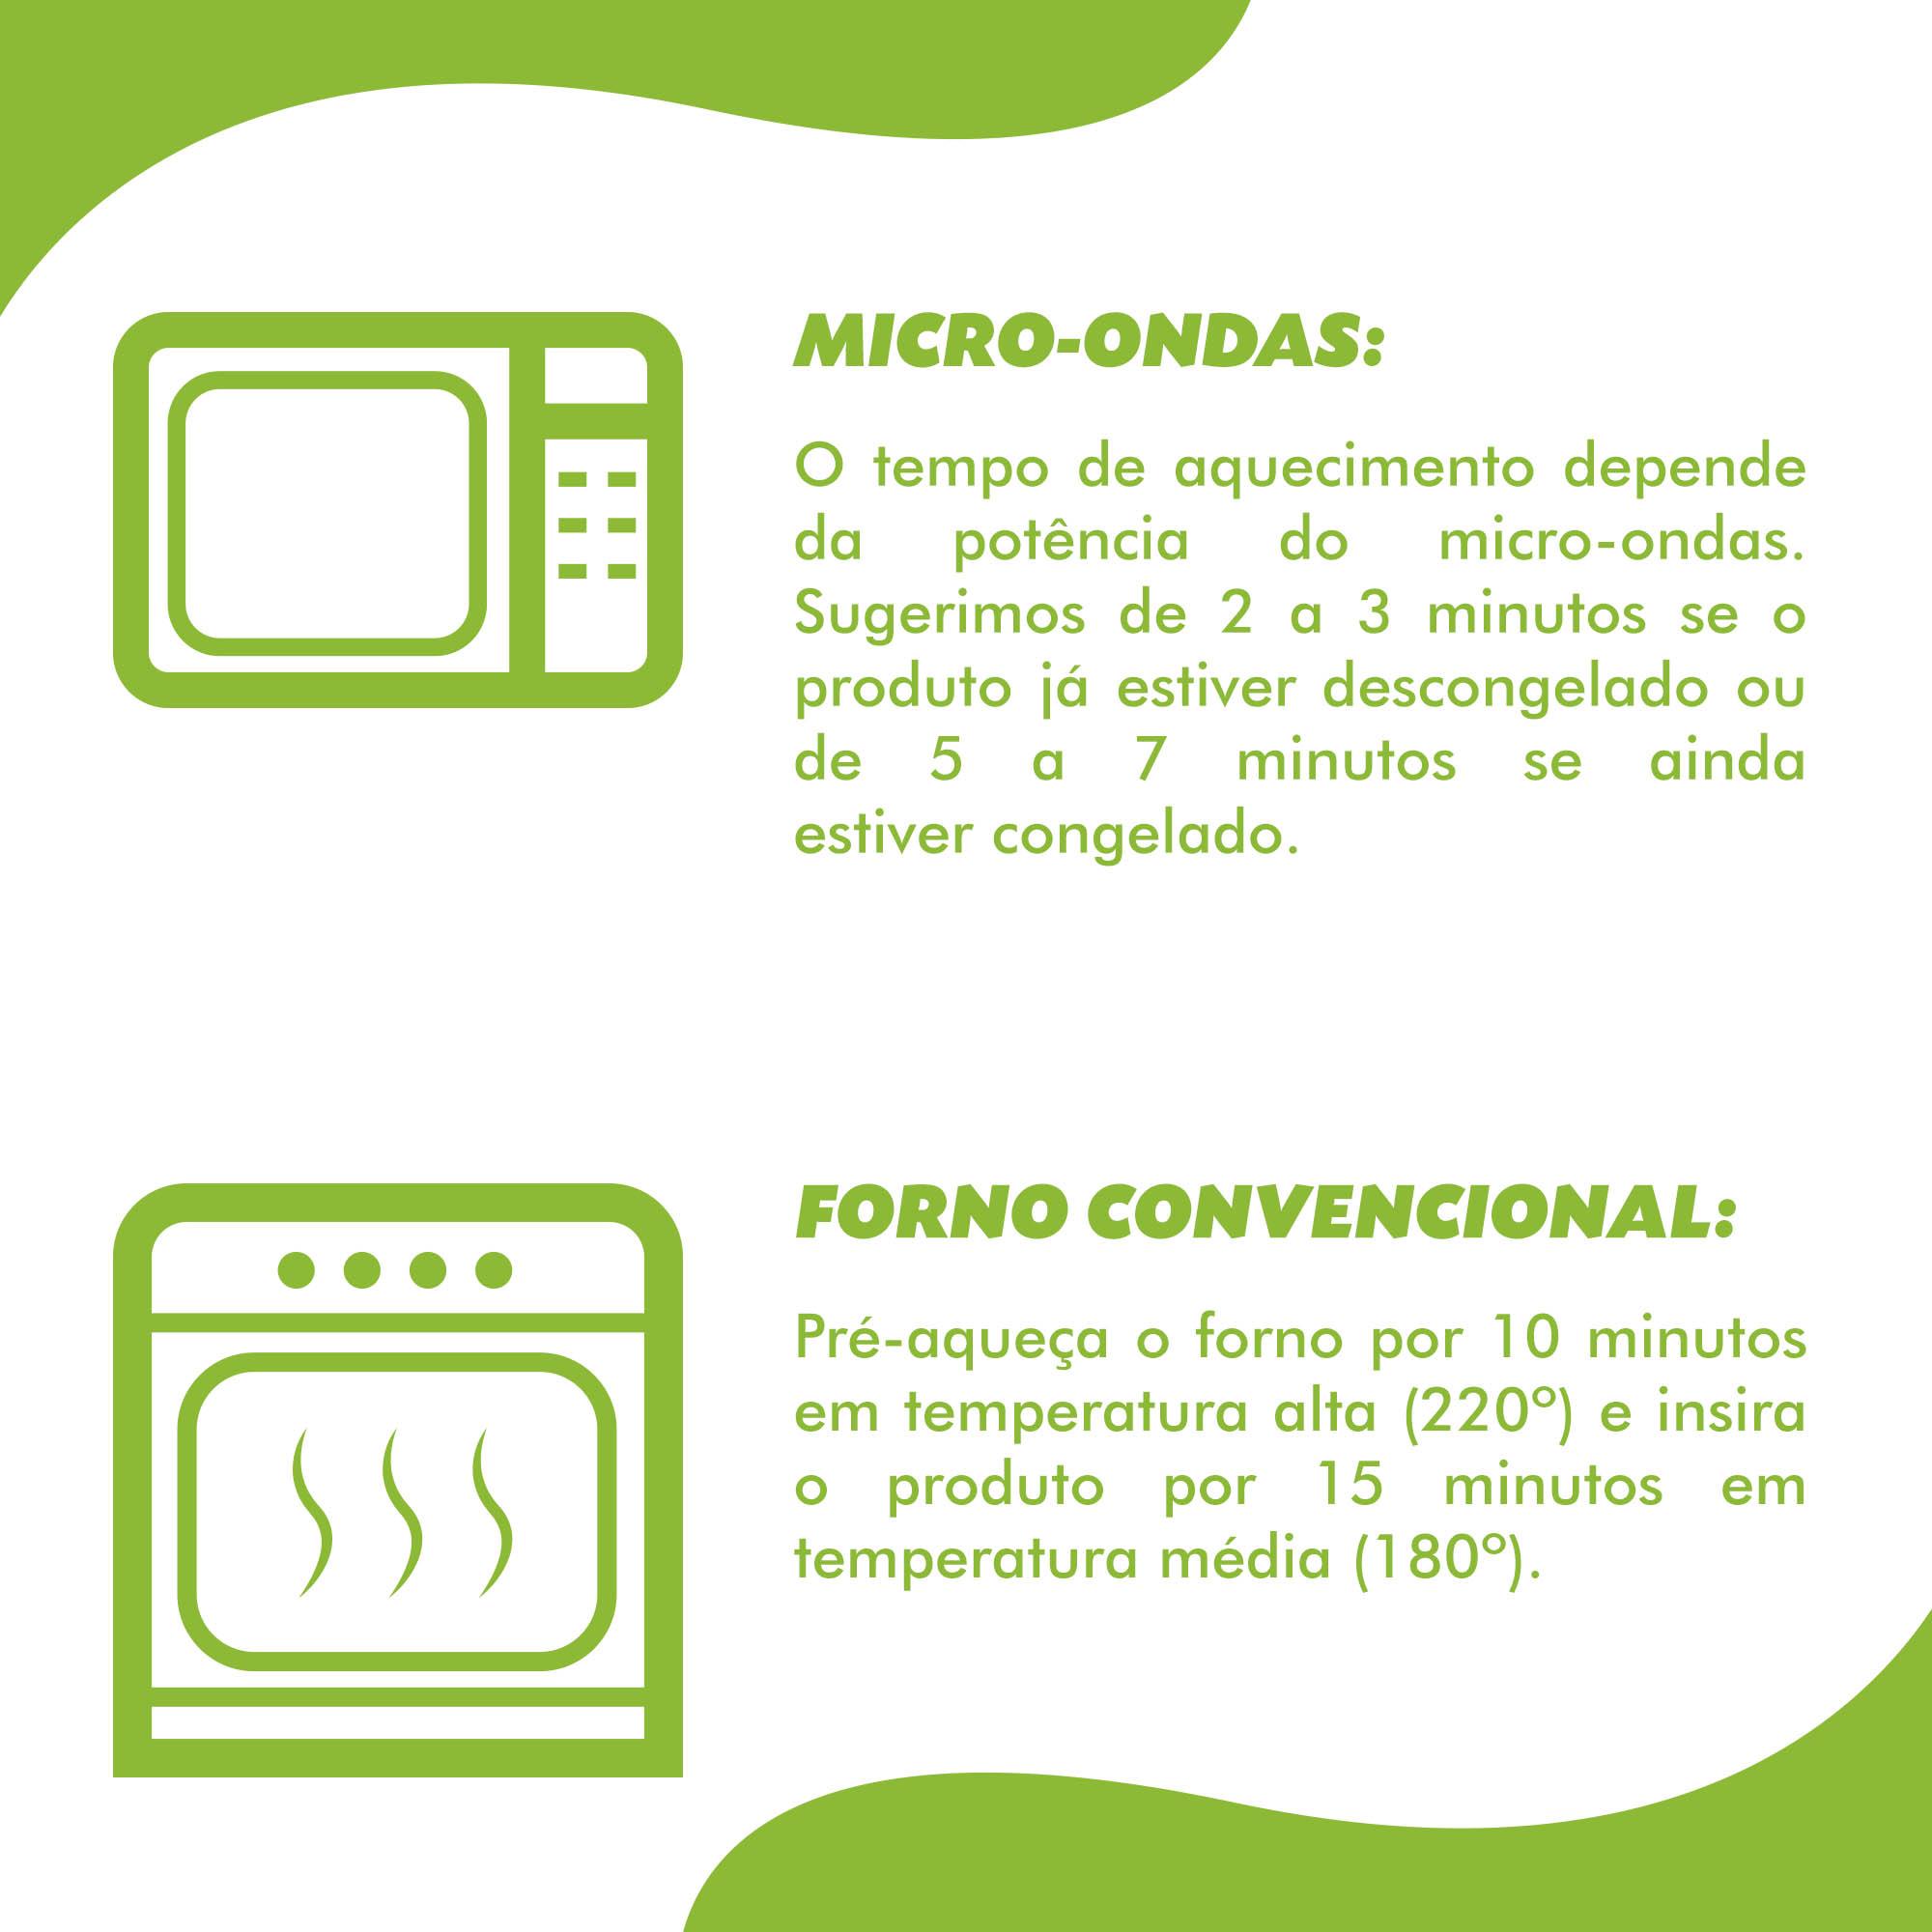 Carne moída + Purê de batata doce + Vagem ao forno (260g)